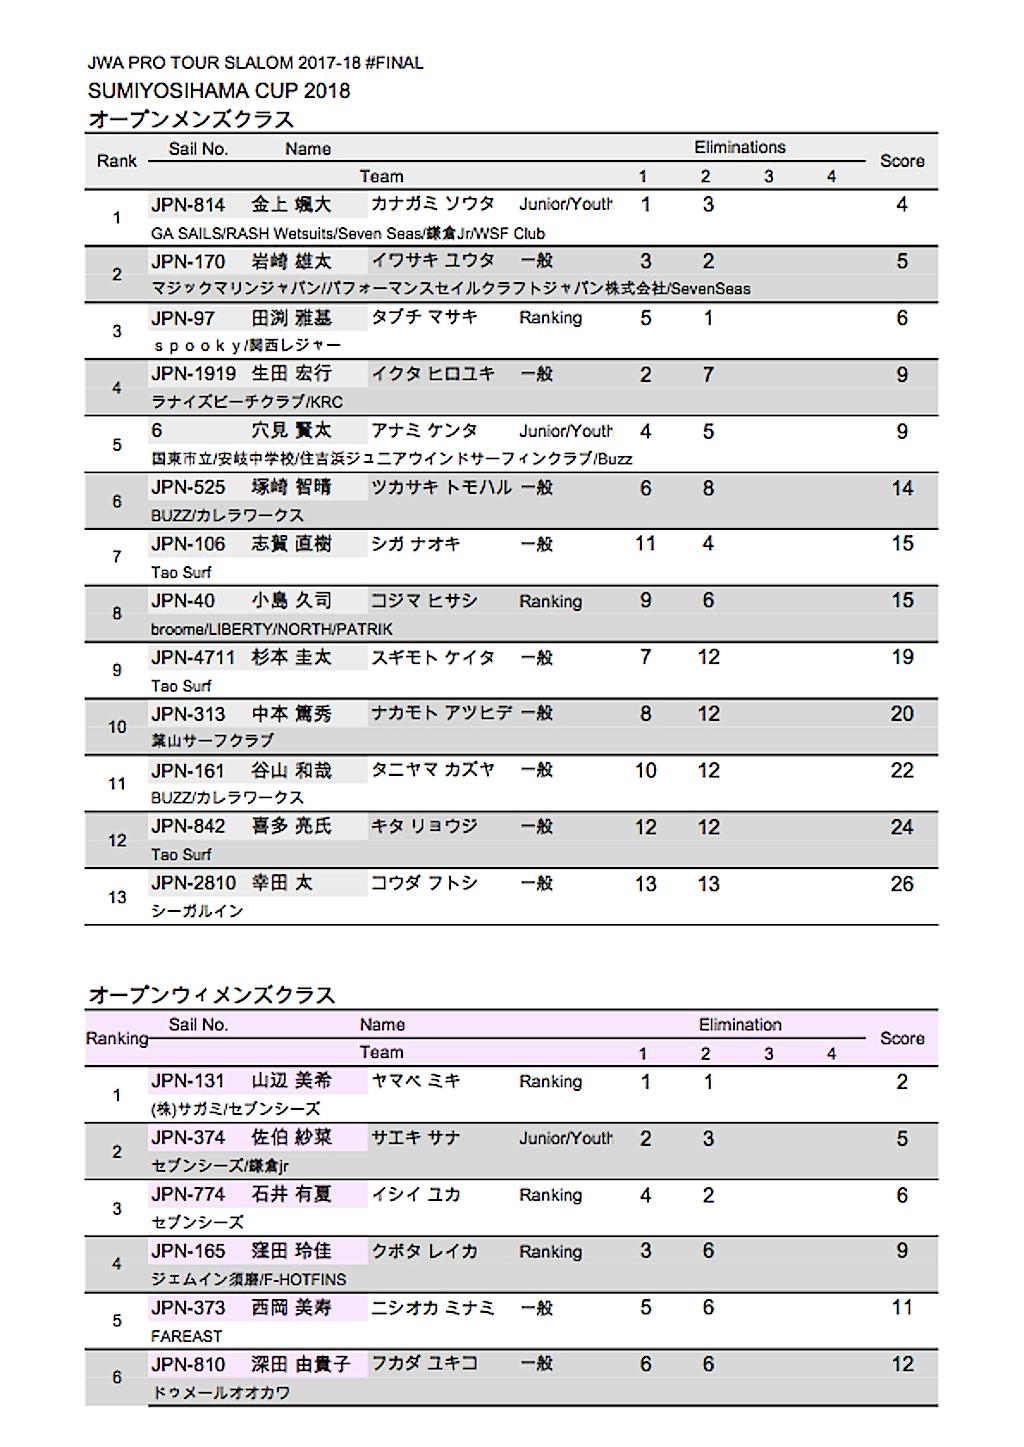 B_Sumiyoshihama_OPEN_Results